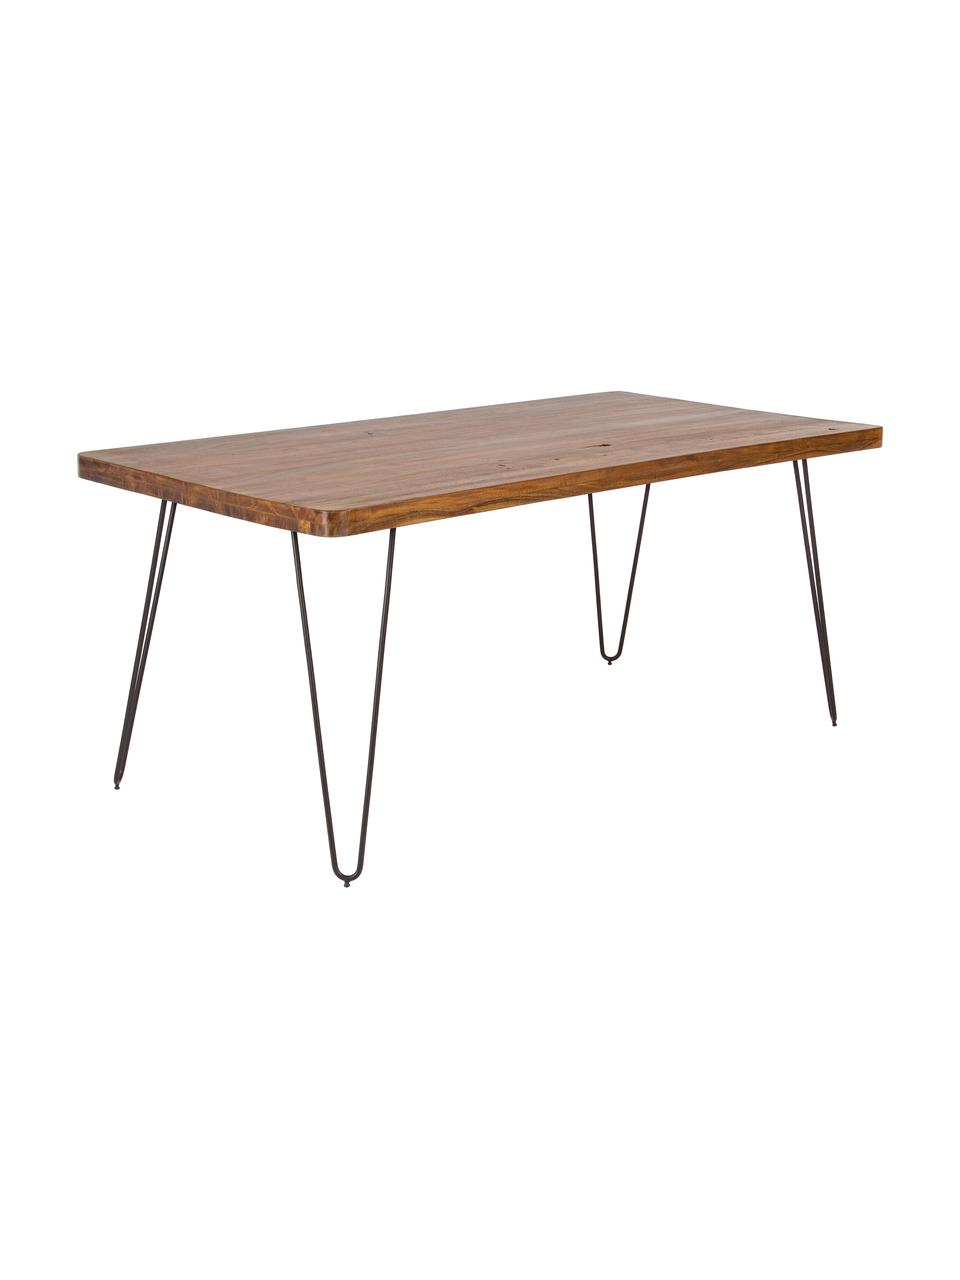 Esstisch Edgar mit Massivholzplatte, 175 x 90 cm, Tischplatte: Akazienholz, Beine: Metall, Akazienholz, B 175 x T 90 cm